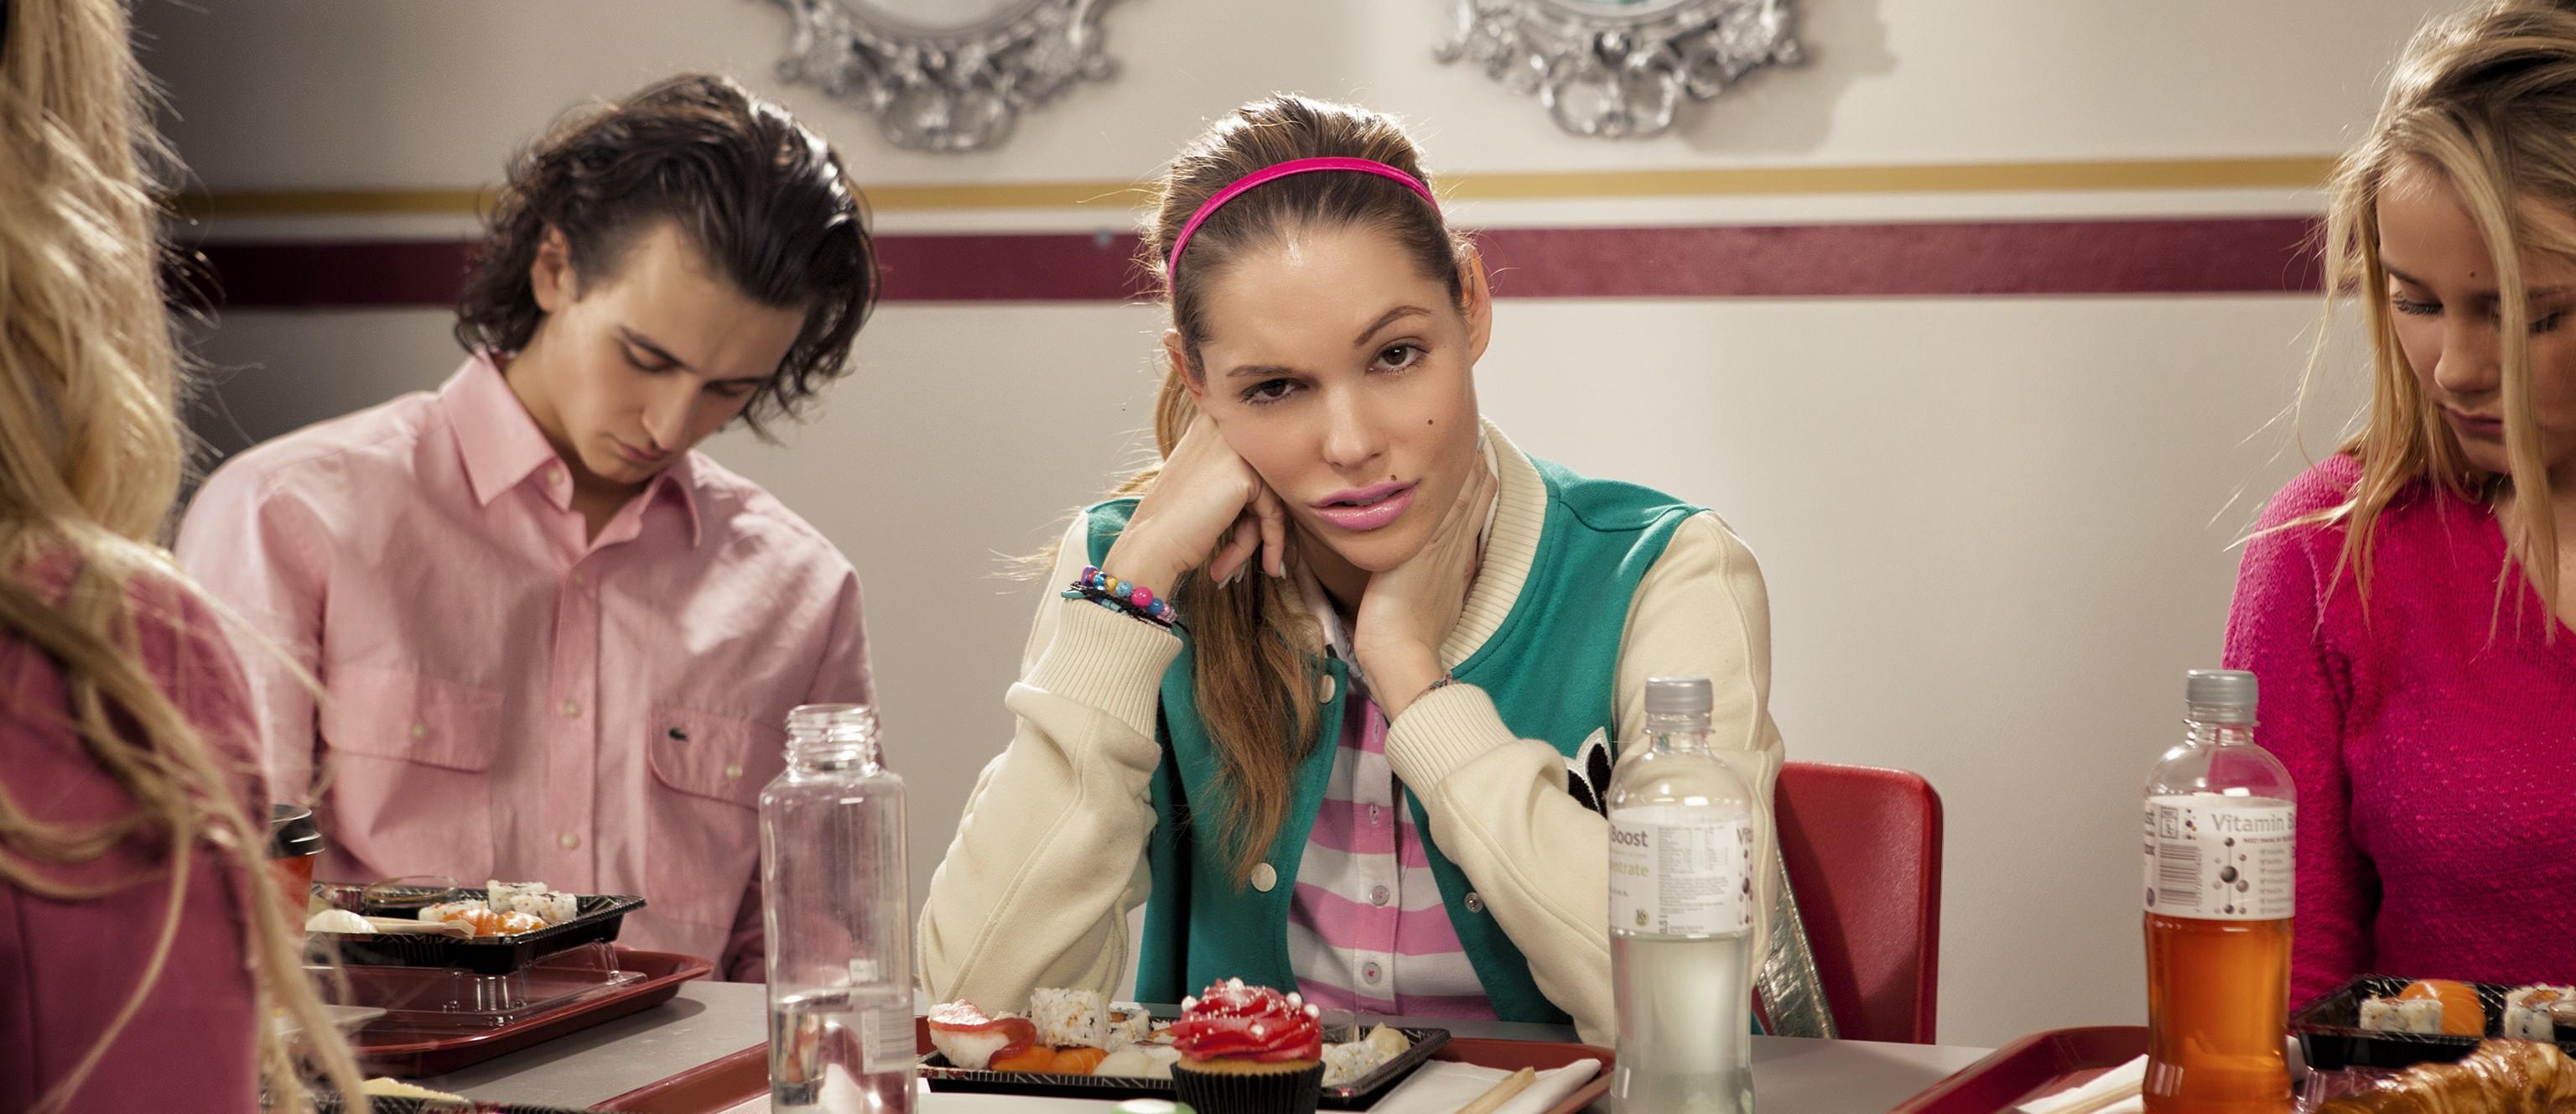 Analysen: Tina & Bettina – The Movie (2012)